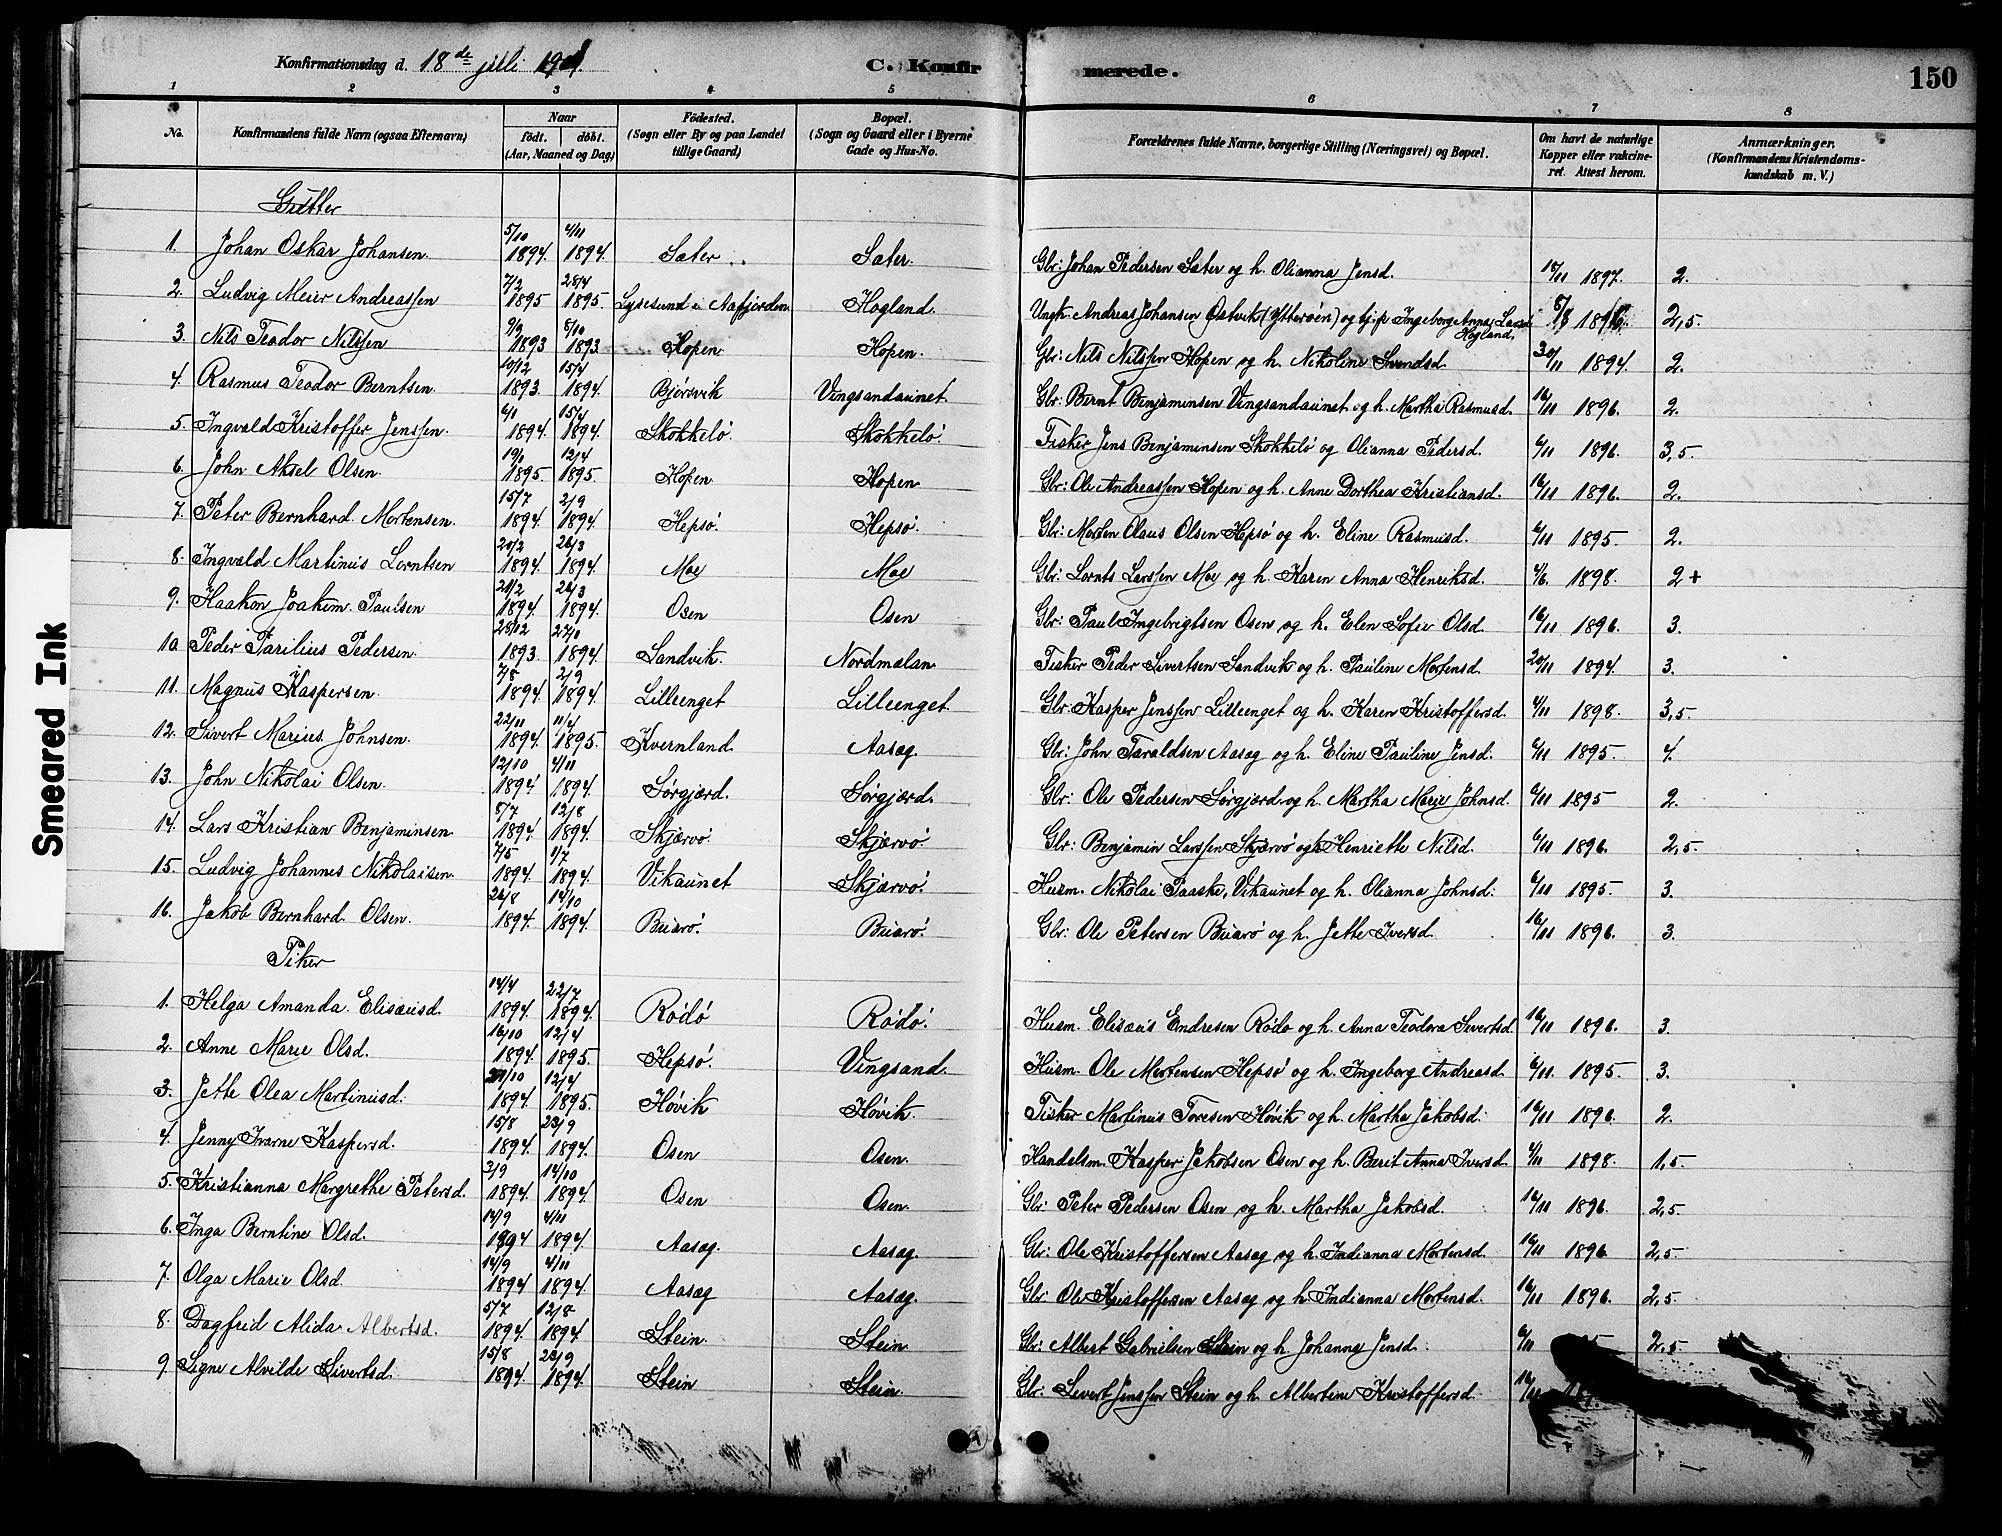 SAT, Ministerialprotokoller, klokkerbøker og fødselsregistre - Sør-Trøndelag, 658/L0726: Klokkerbok nr. 658C02, 1883-1908, s. 150